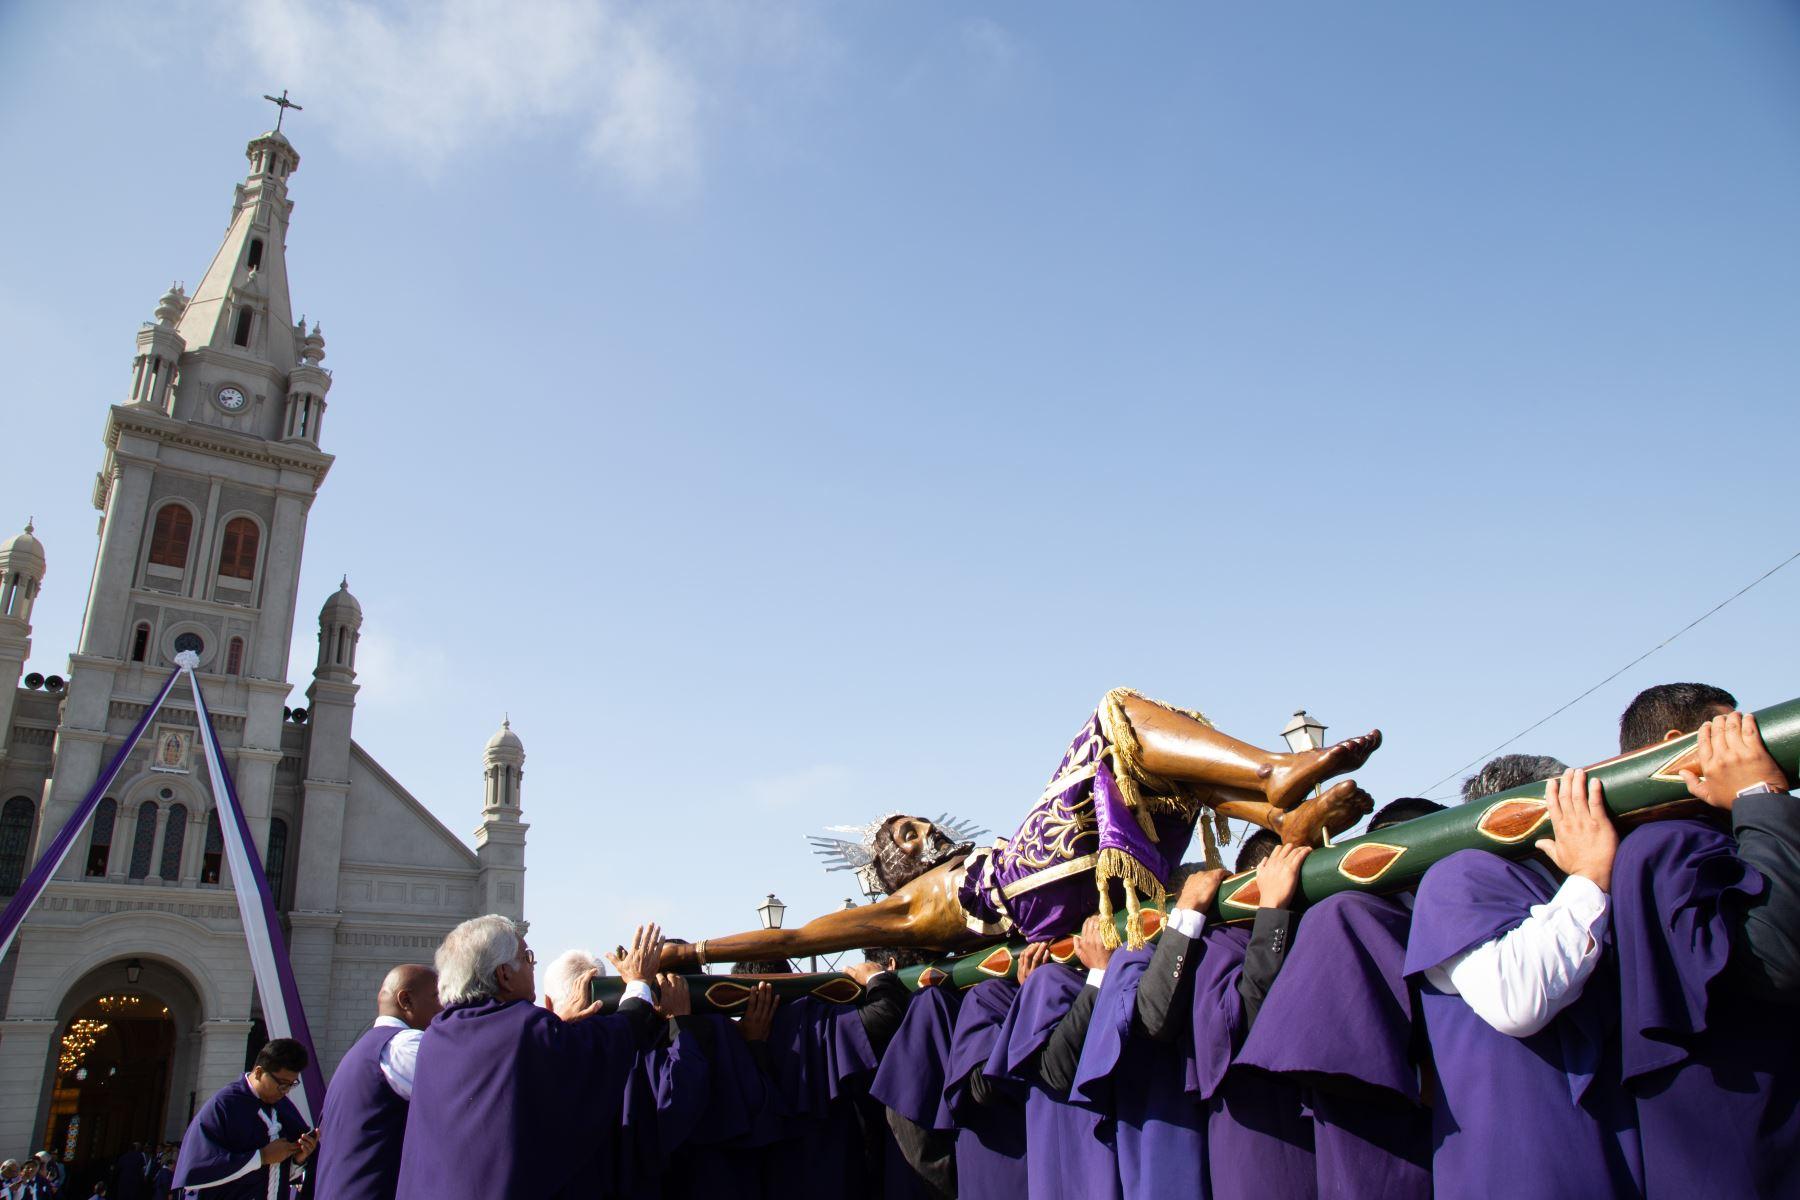 Ica celebra la tradicional procesión de su patrón el Señor de Luren. Foto: Genry Emerson Bautista